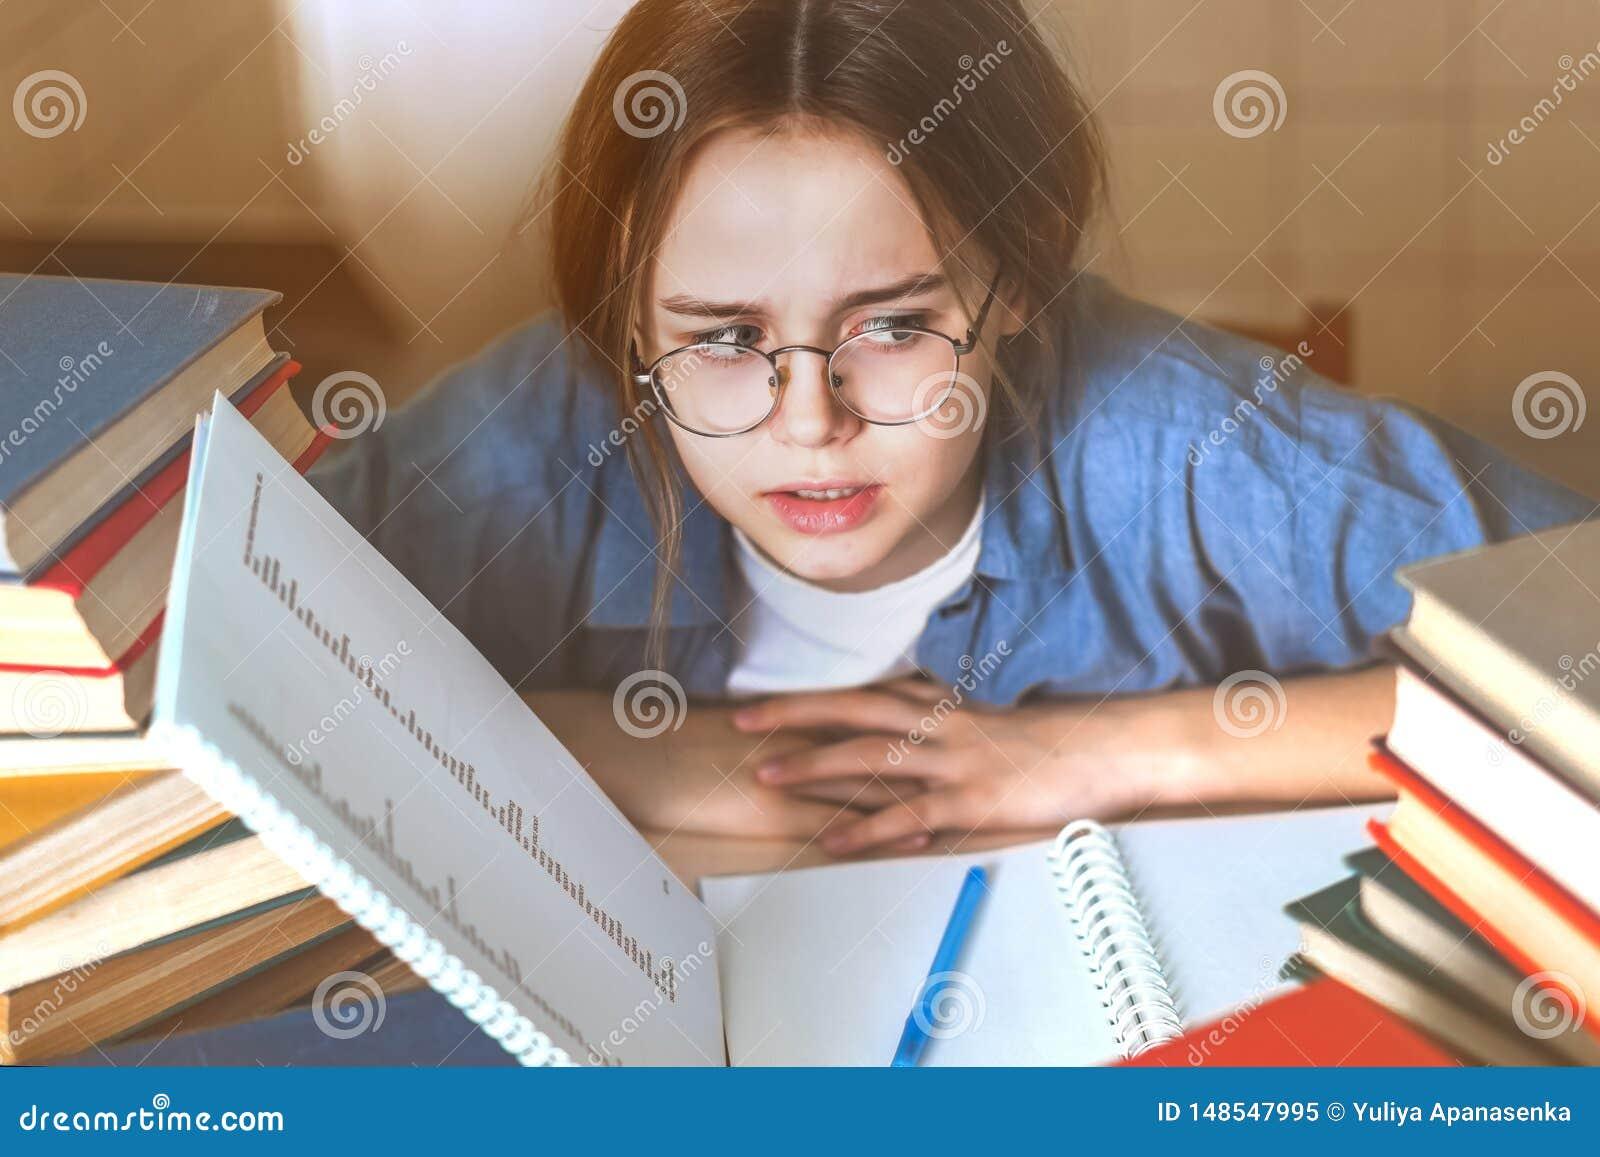 La ragazza teenager annoiata Tired si ? rovesciata dall apprendimento difficile